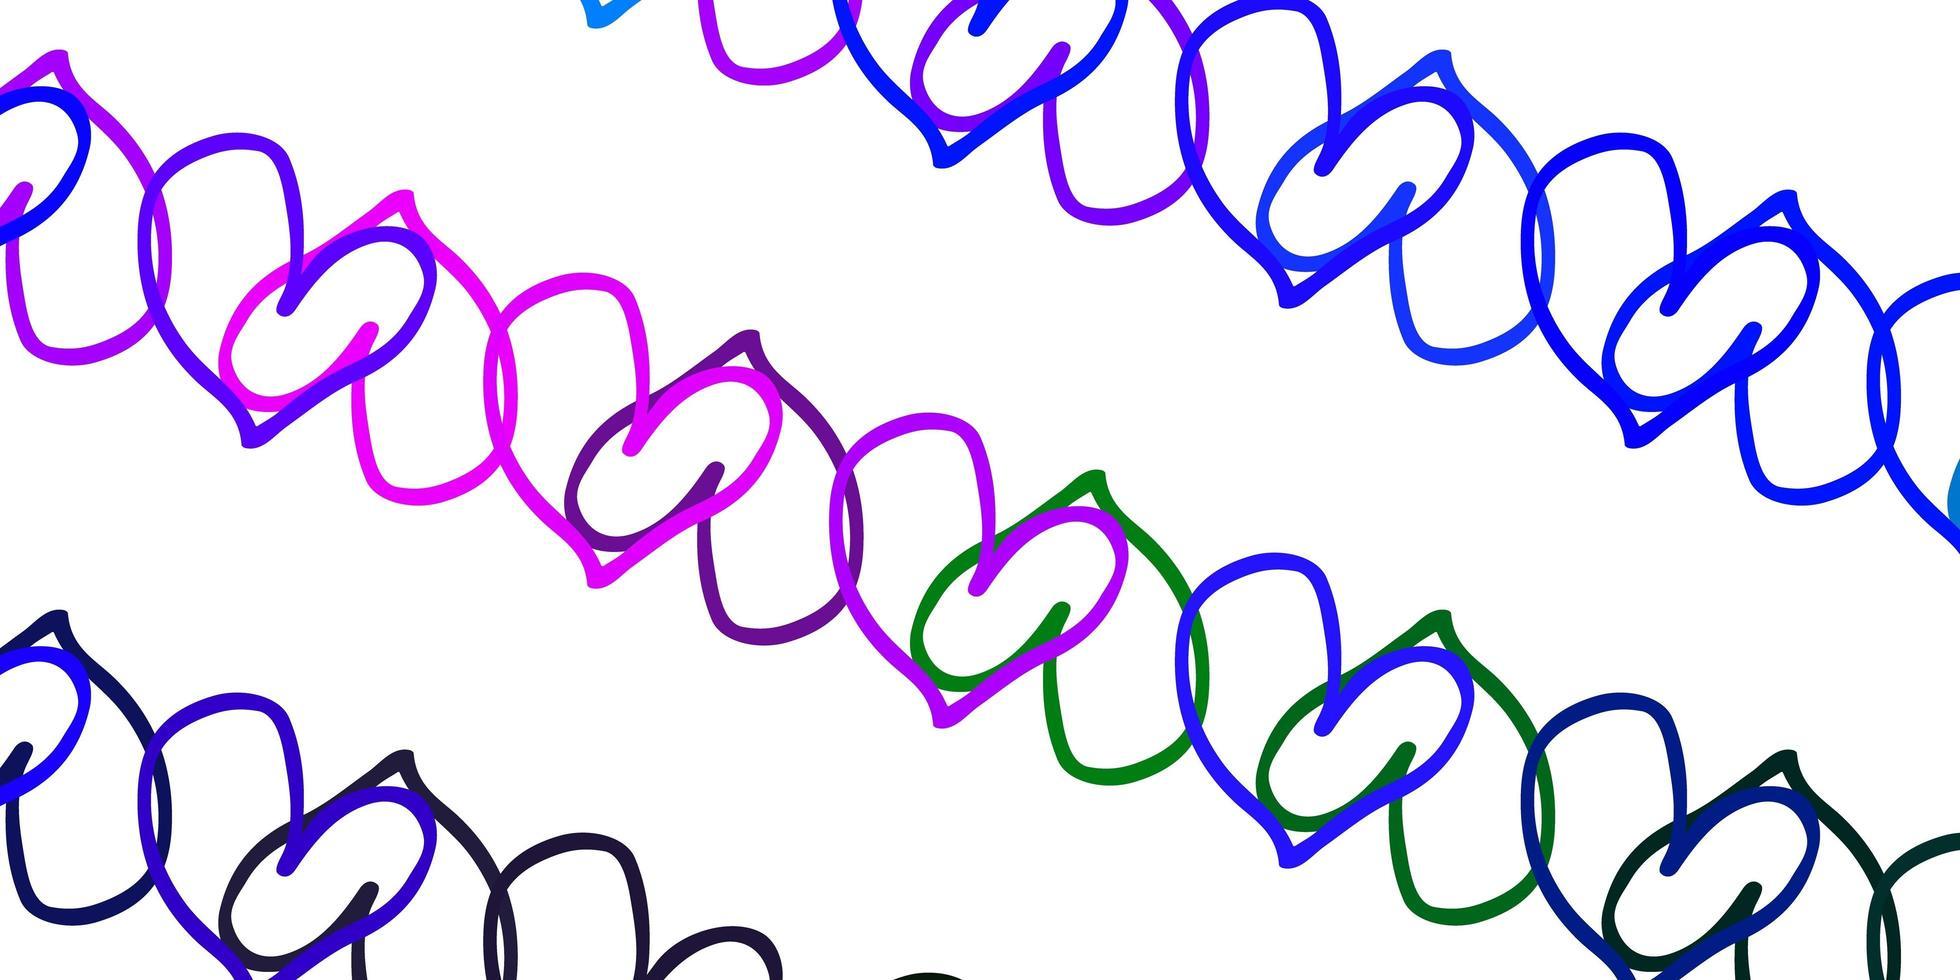 hellrosa, blauer Vektorhintergrund mit leuchtenden Herzen. vektor